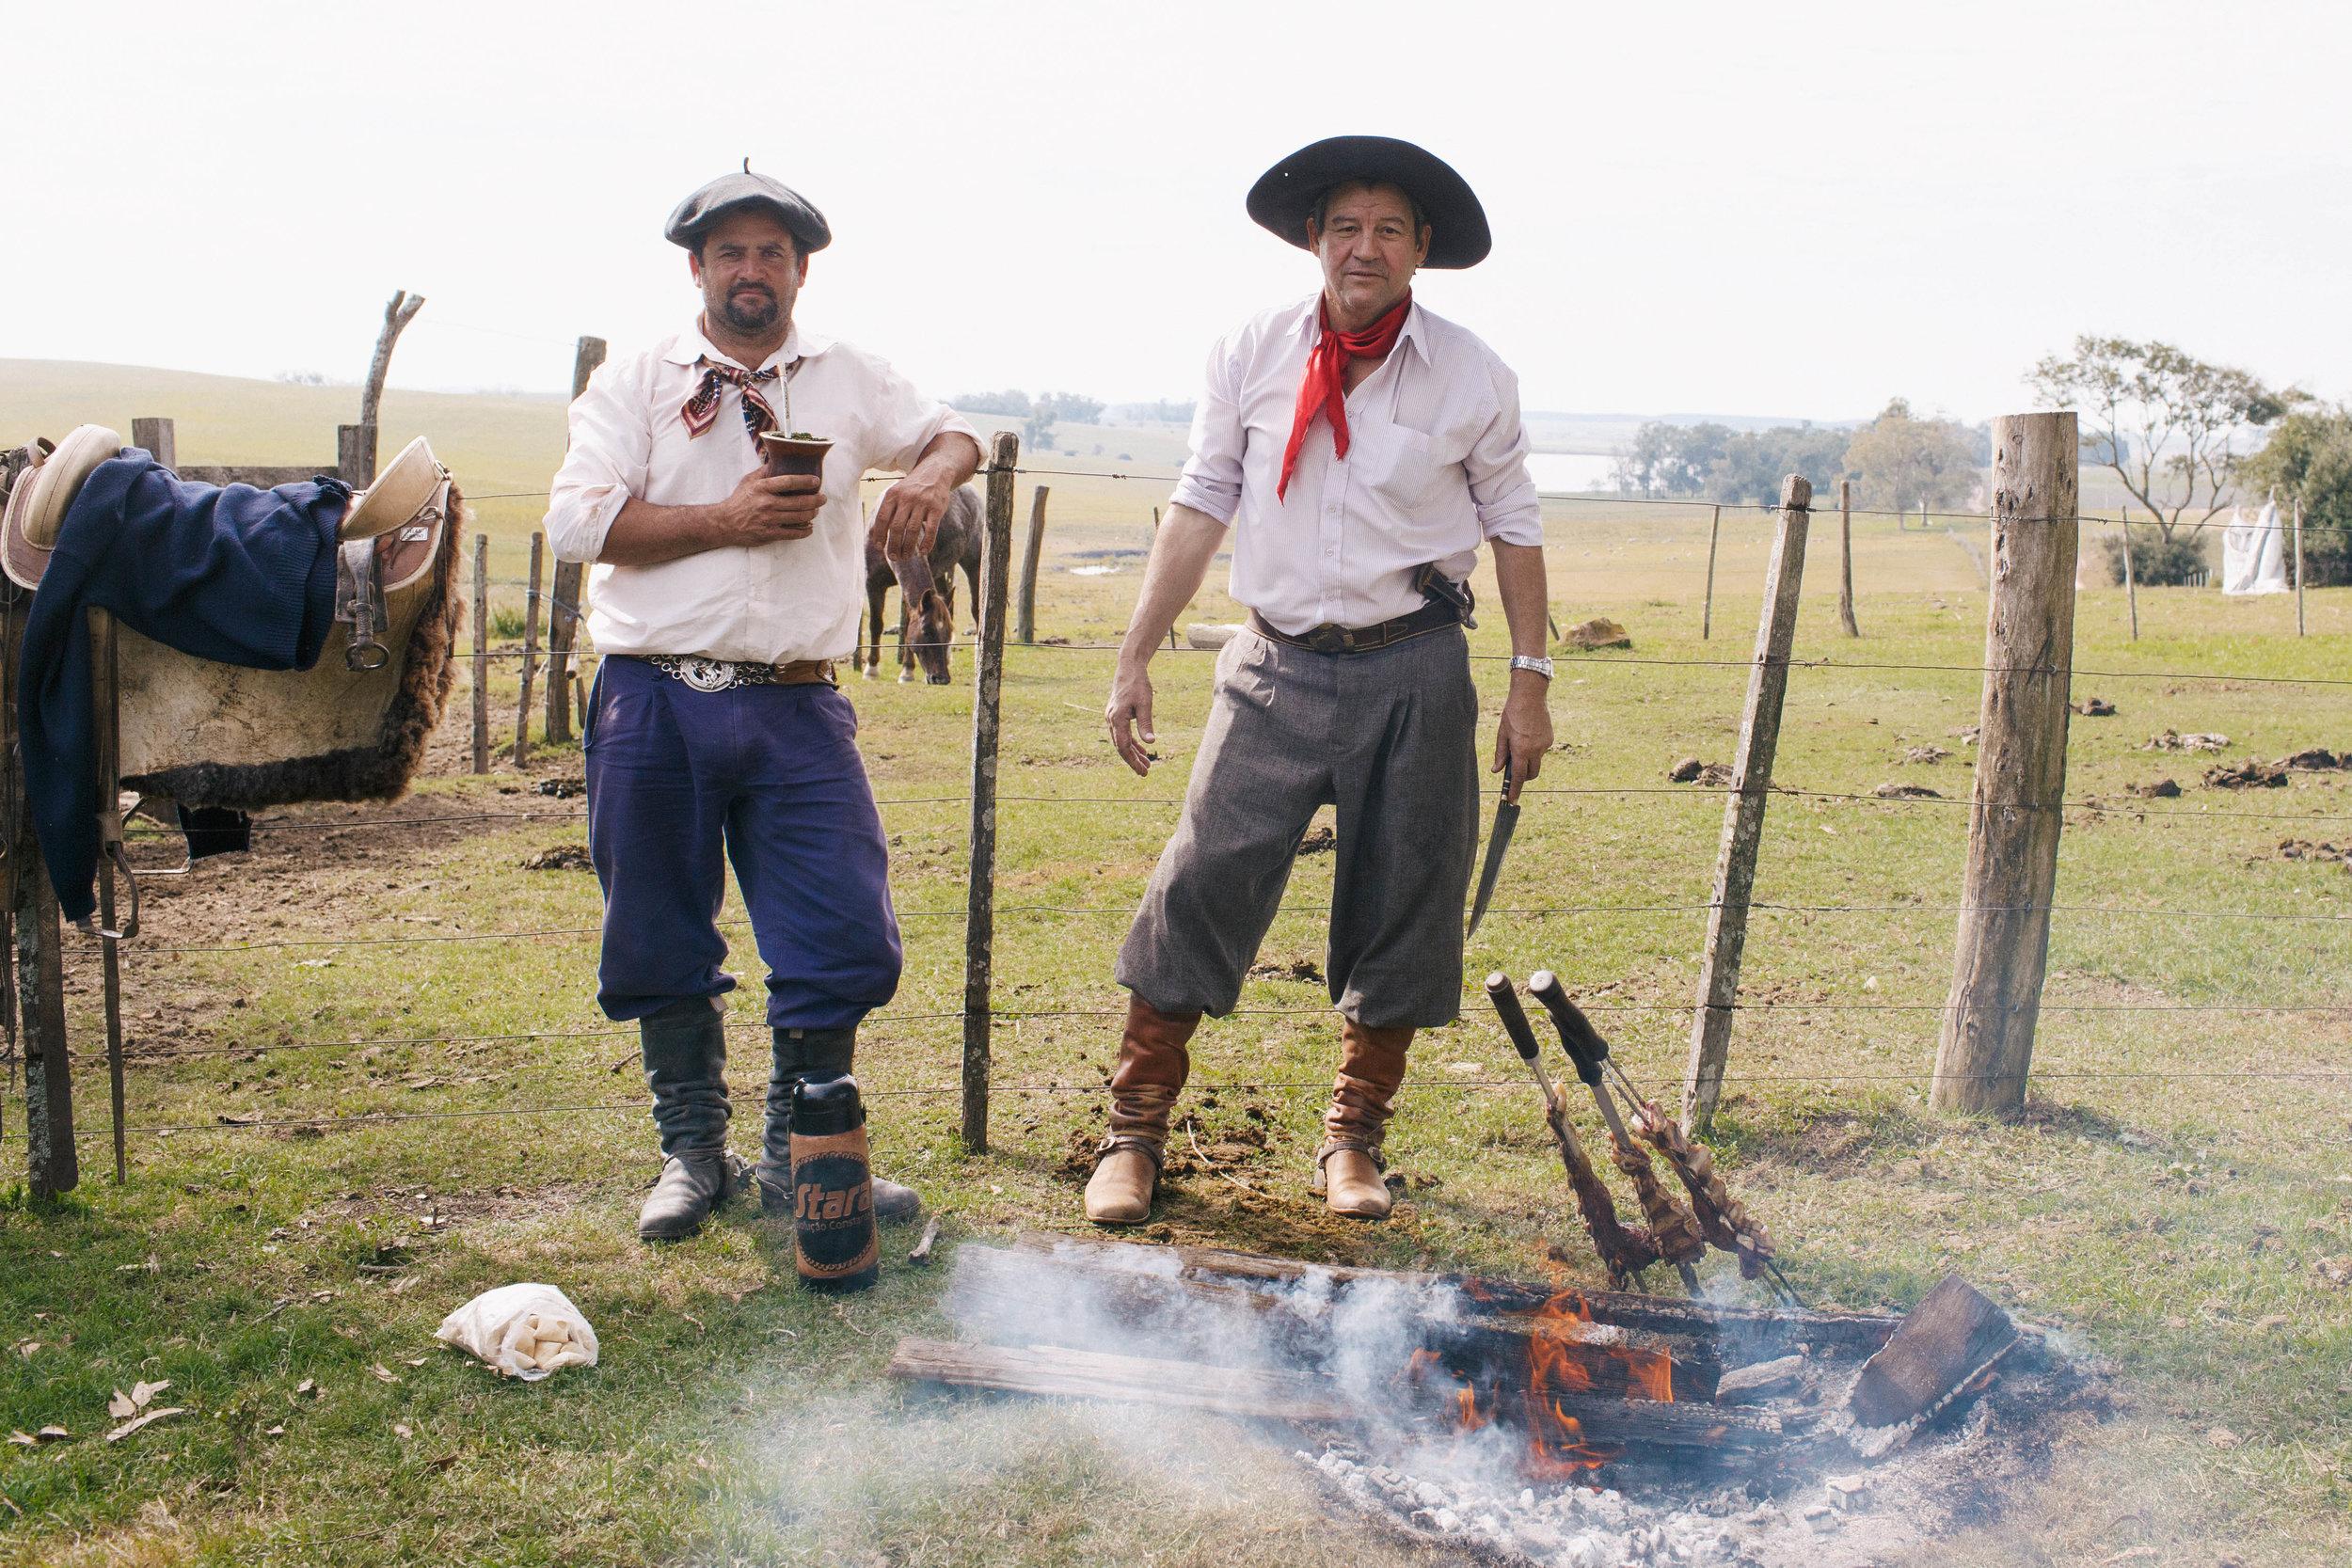 Dois Gaúchos no interior do Rio Grande do Sul, fazendo um Churrasco no campo após terem participado de um torneio de Tiro de laço